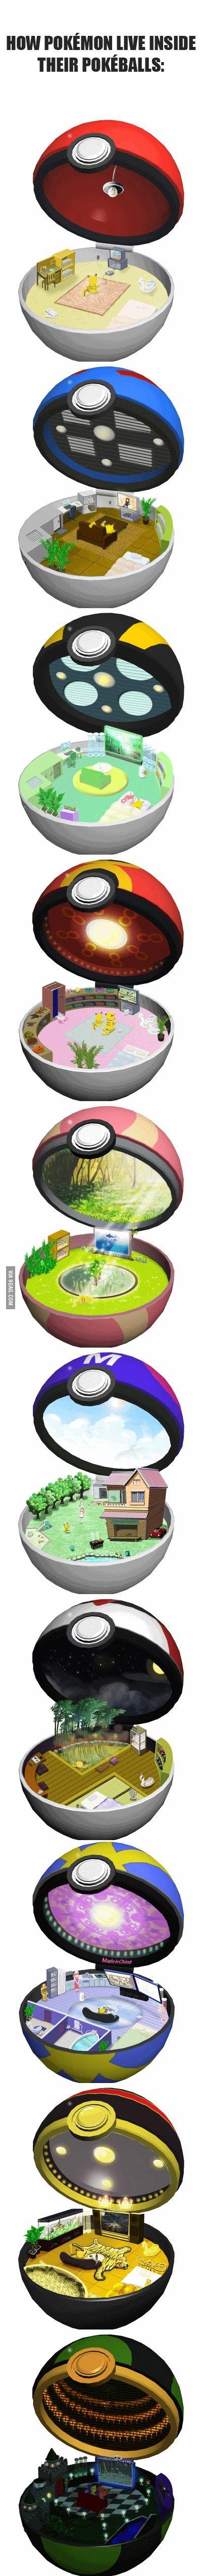 How Pokemon live inside their pokeballs